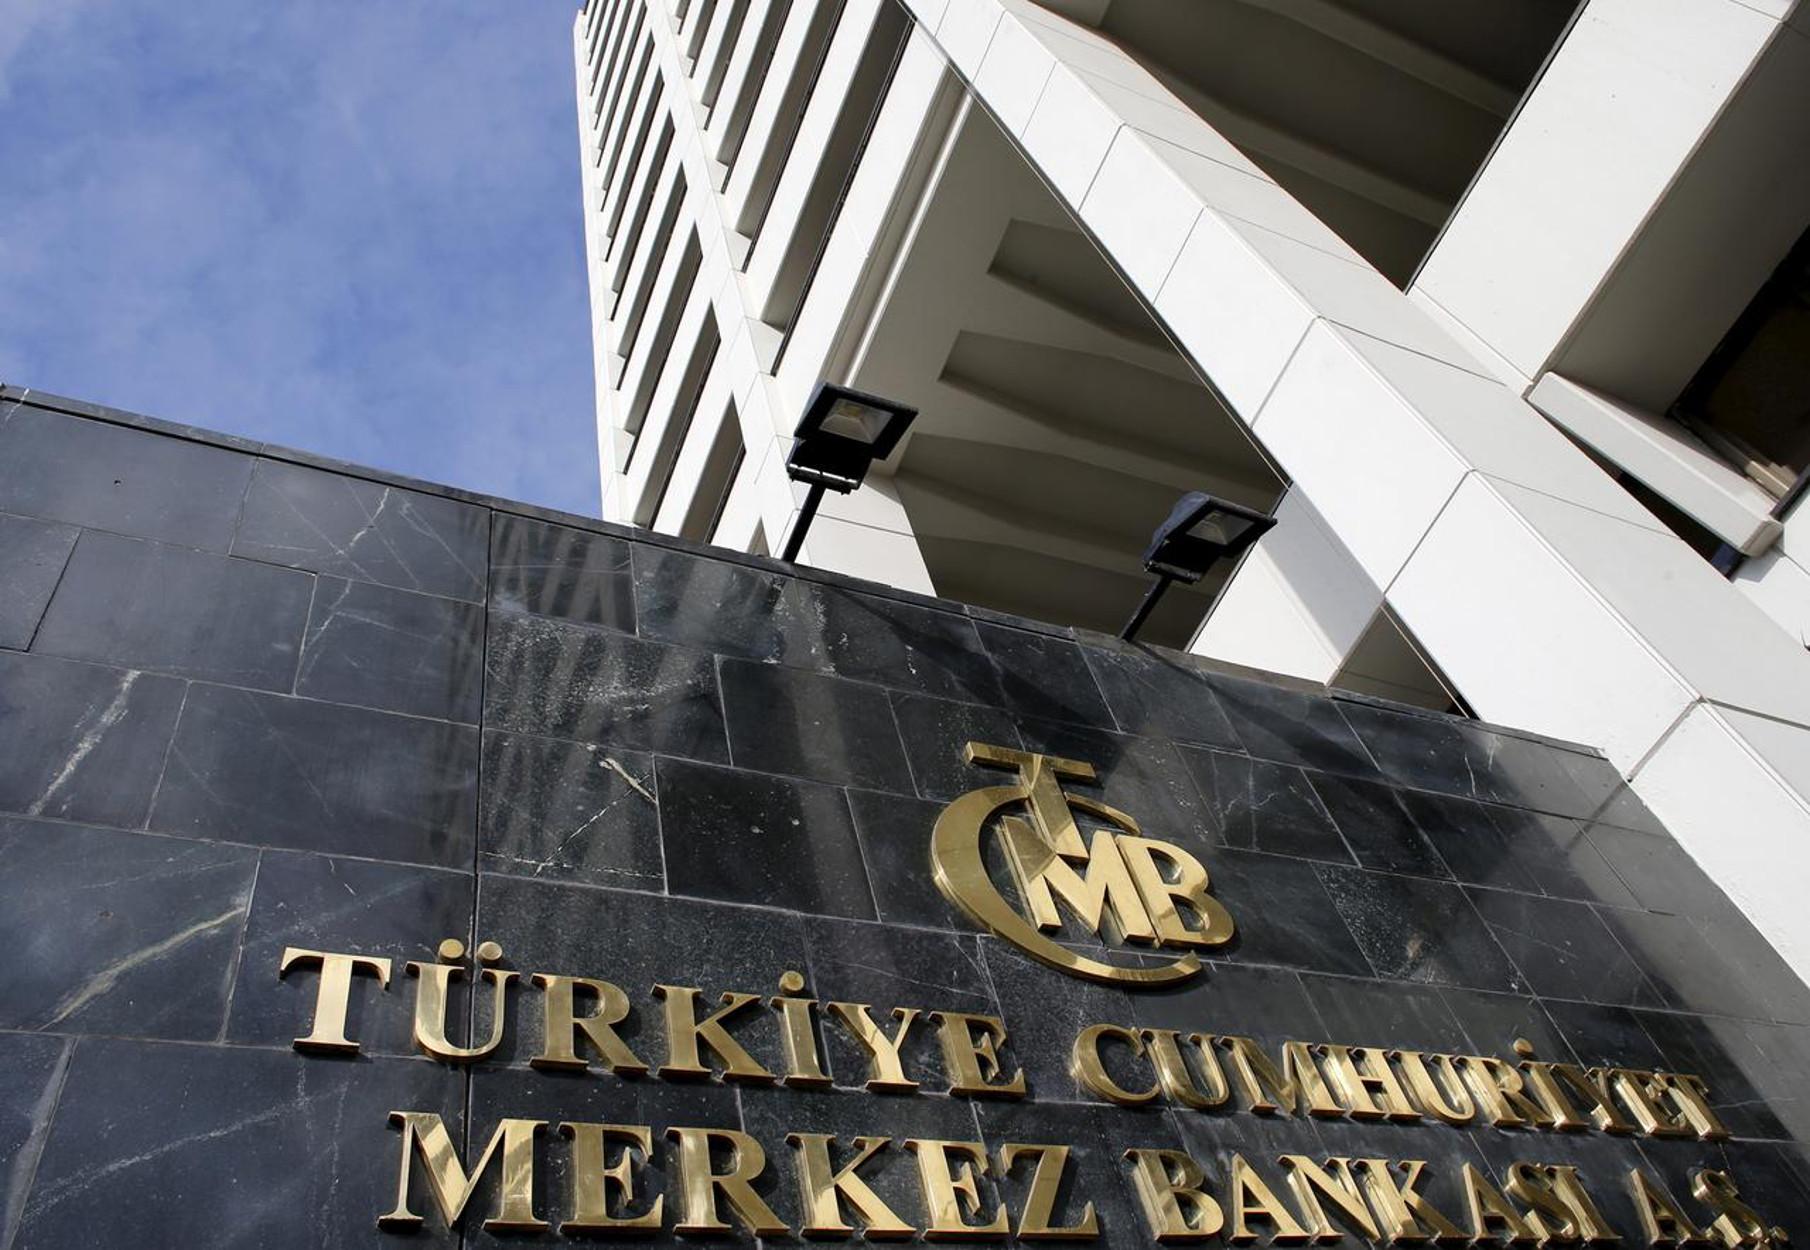 Τουρκία: Ραγδαίες εξελίξεις στην οικονομία – Κόβεται κατά 50% ο δανεισμός σε τράπεζες, καταρρέει η λίρα